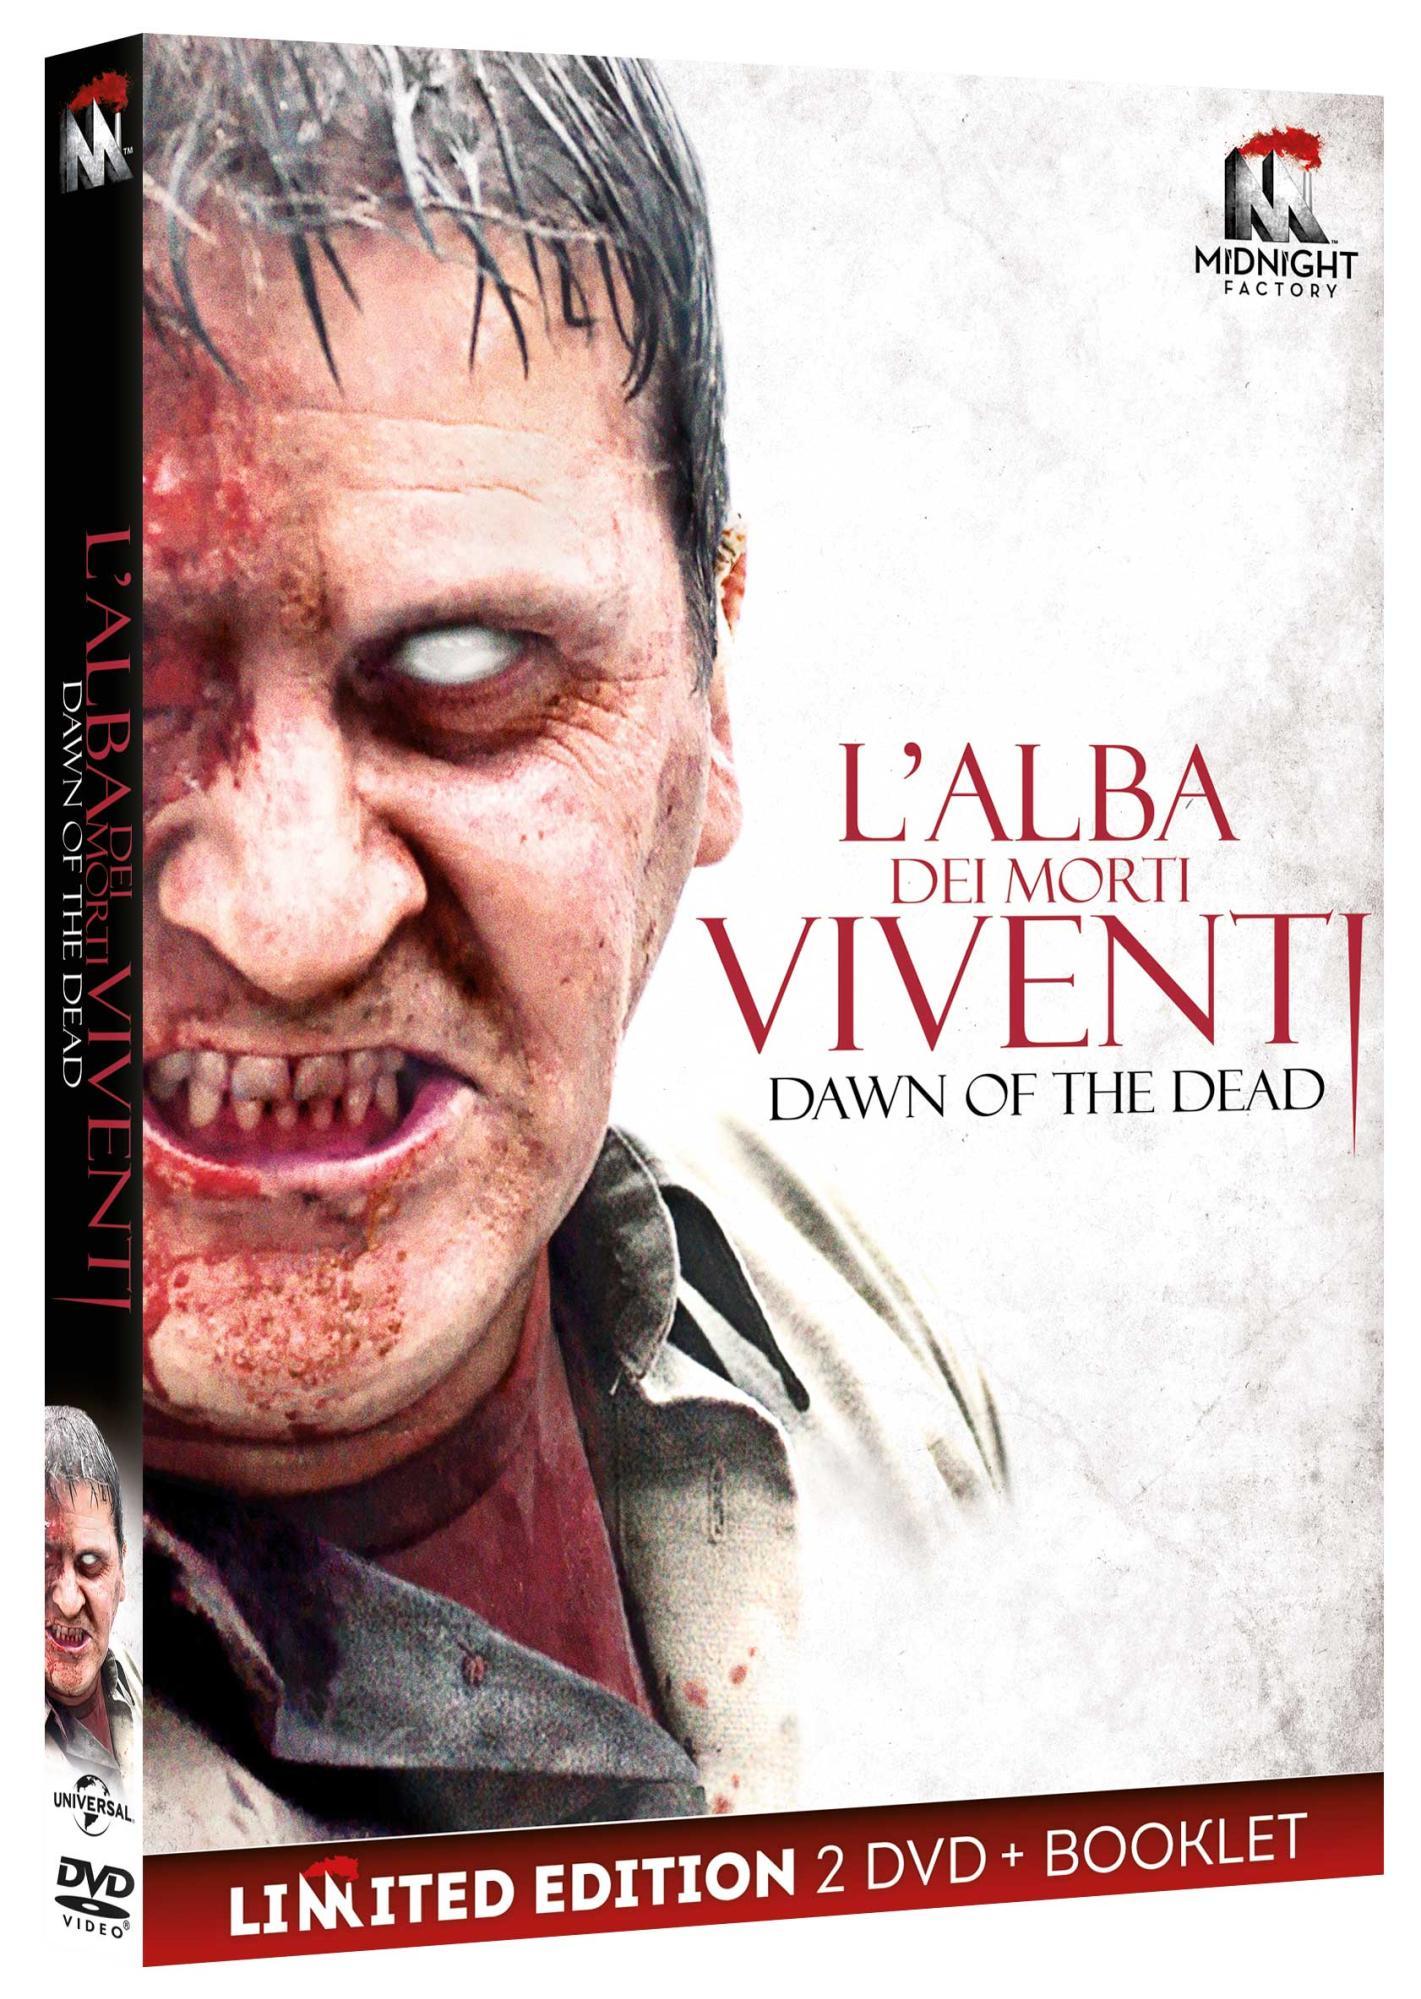 L'ALBA DEI MORTI VIVENTI (2 DVD+BOOKLET) (DVD)